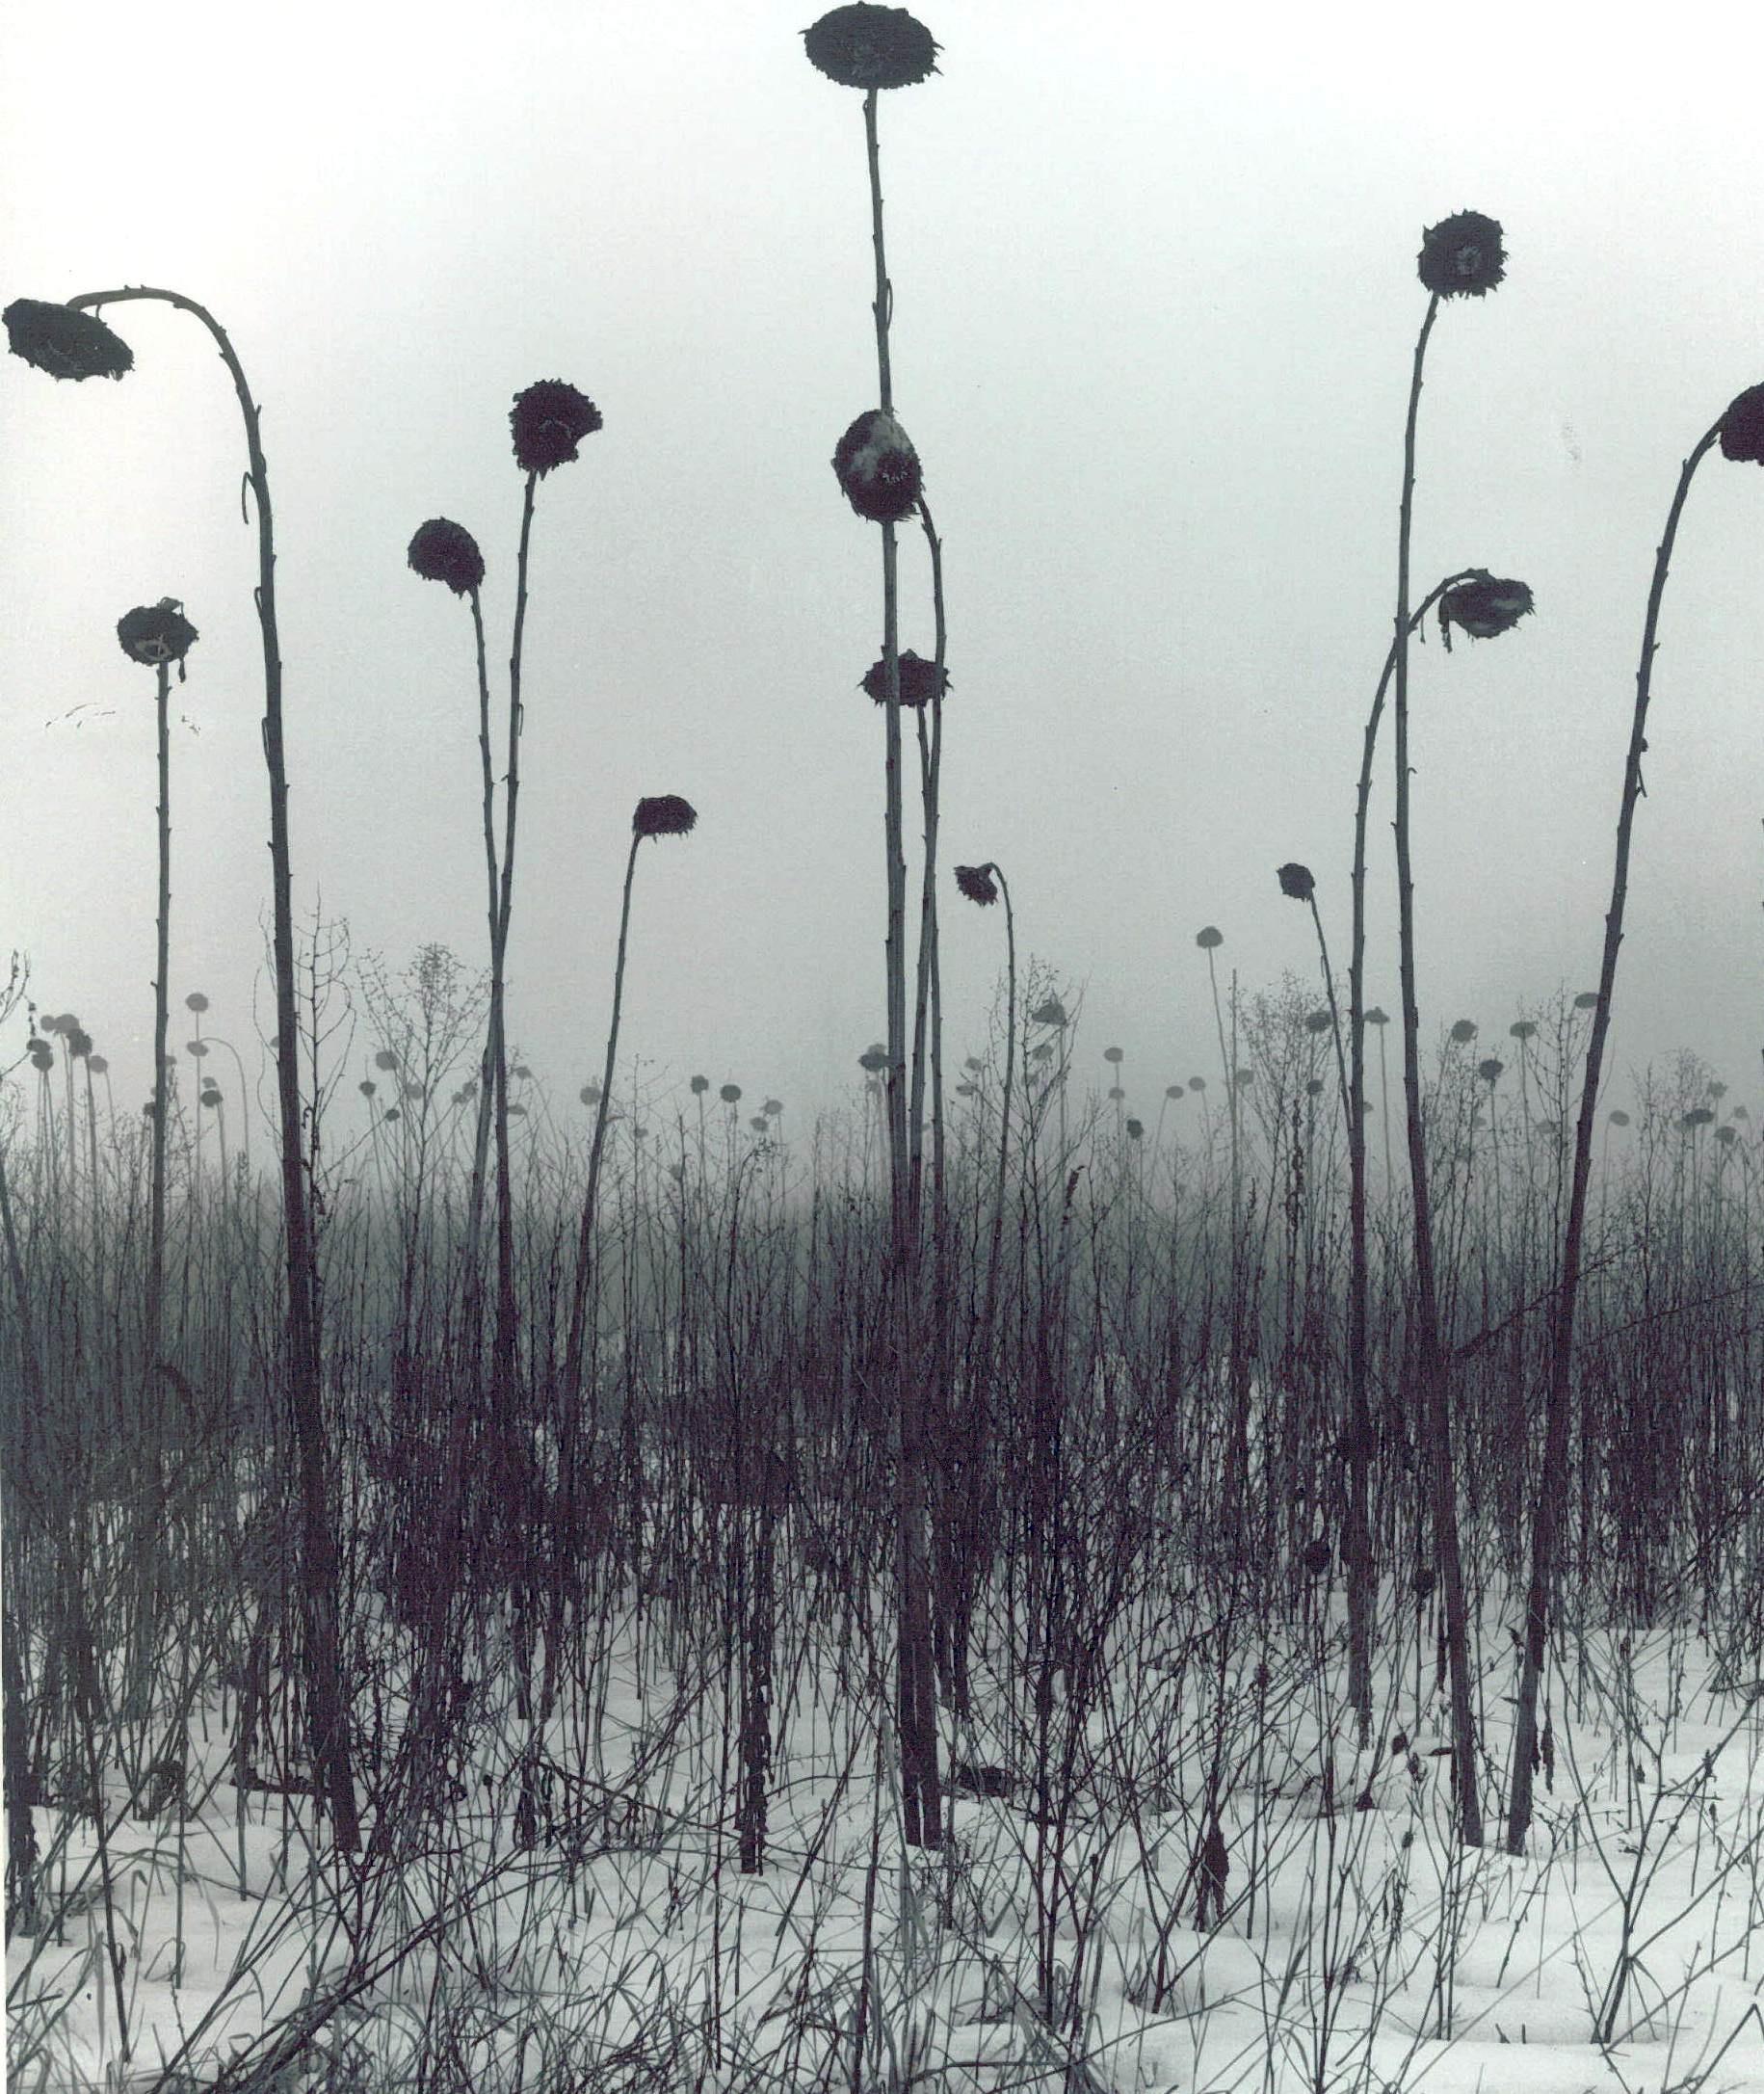 Grenville Allan Braiden Sunflowers, nd gelatin silver print